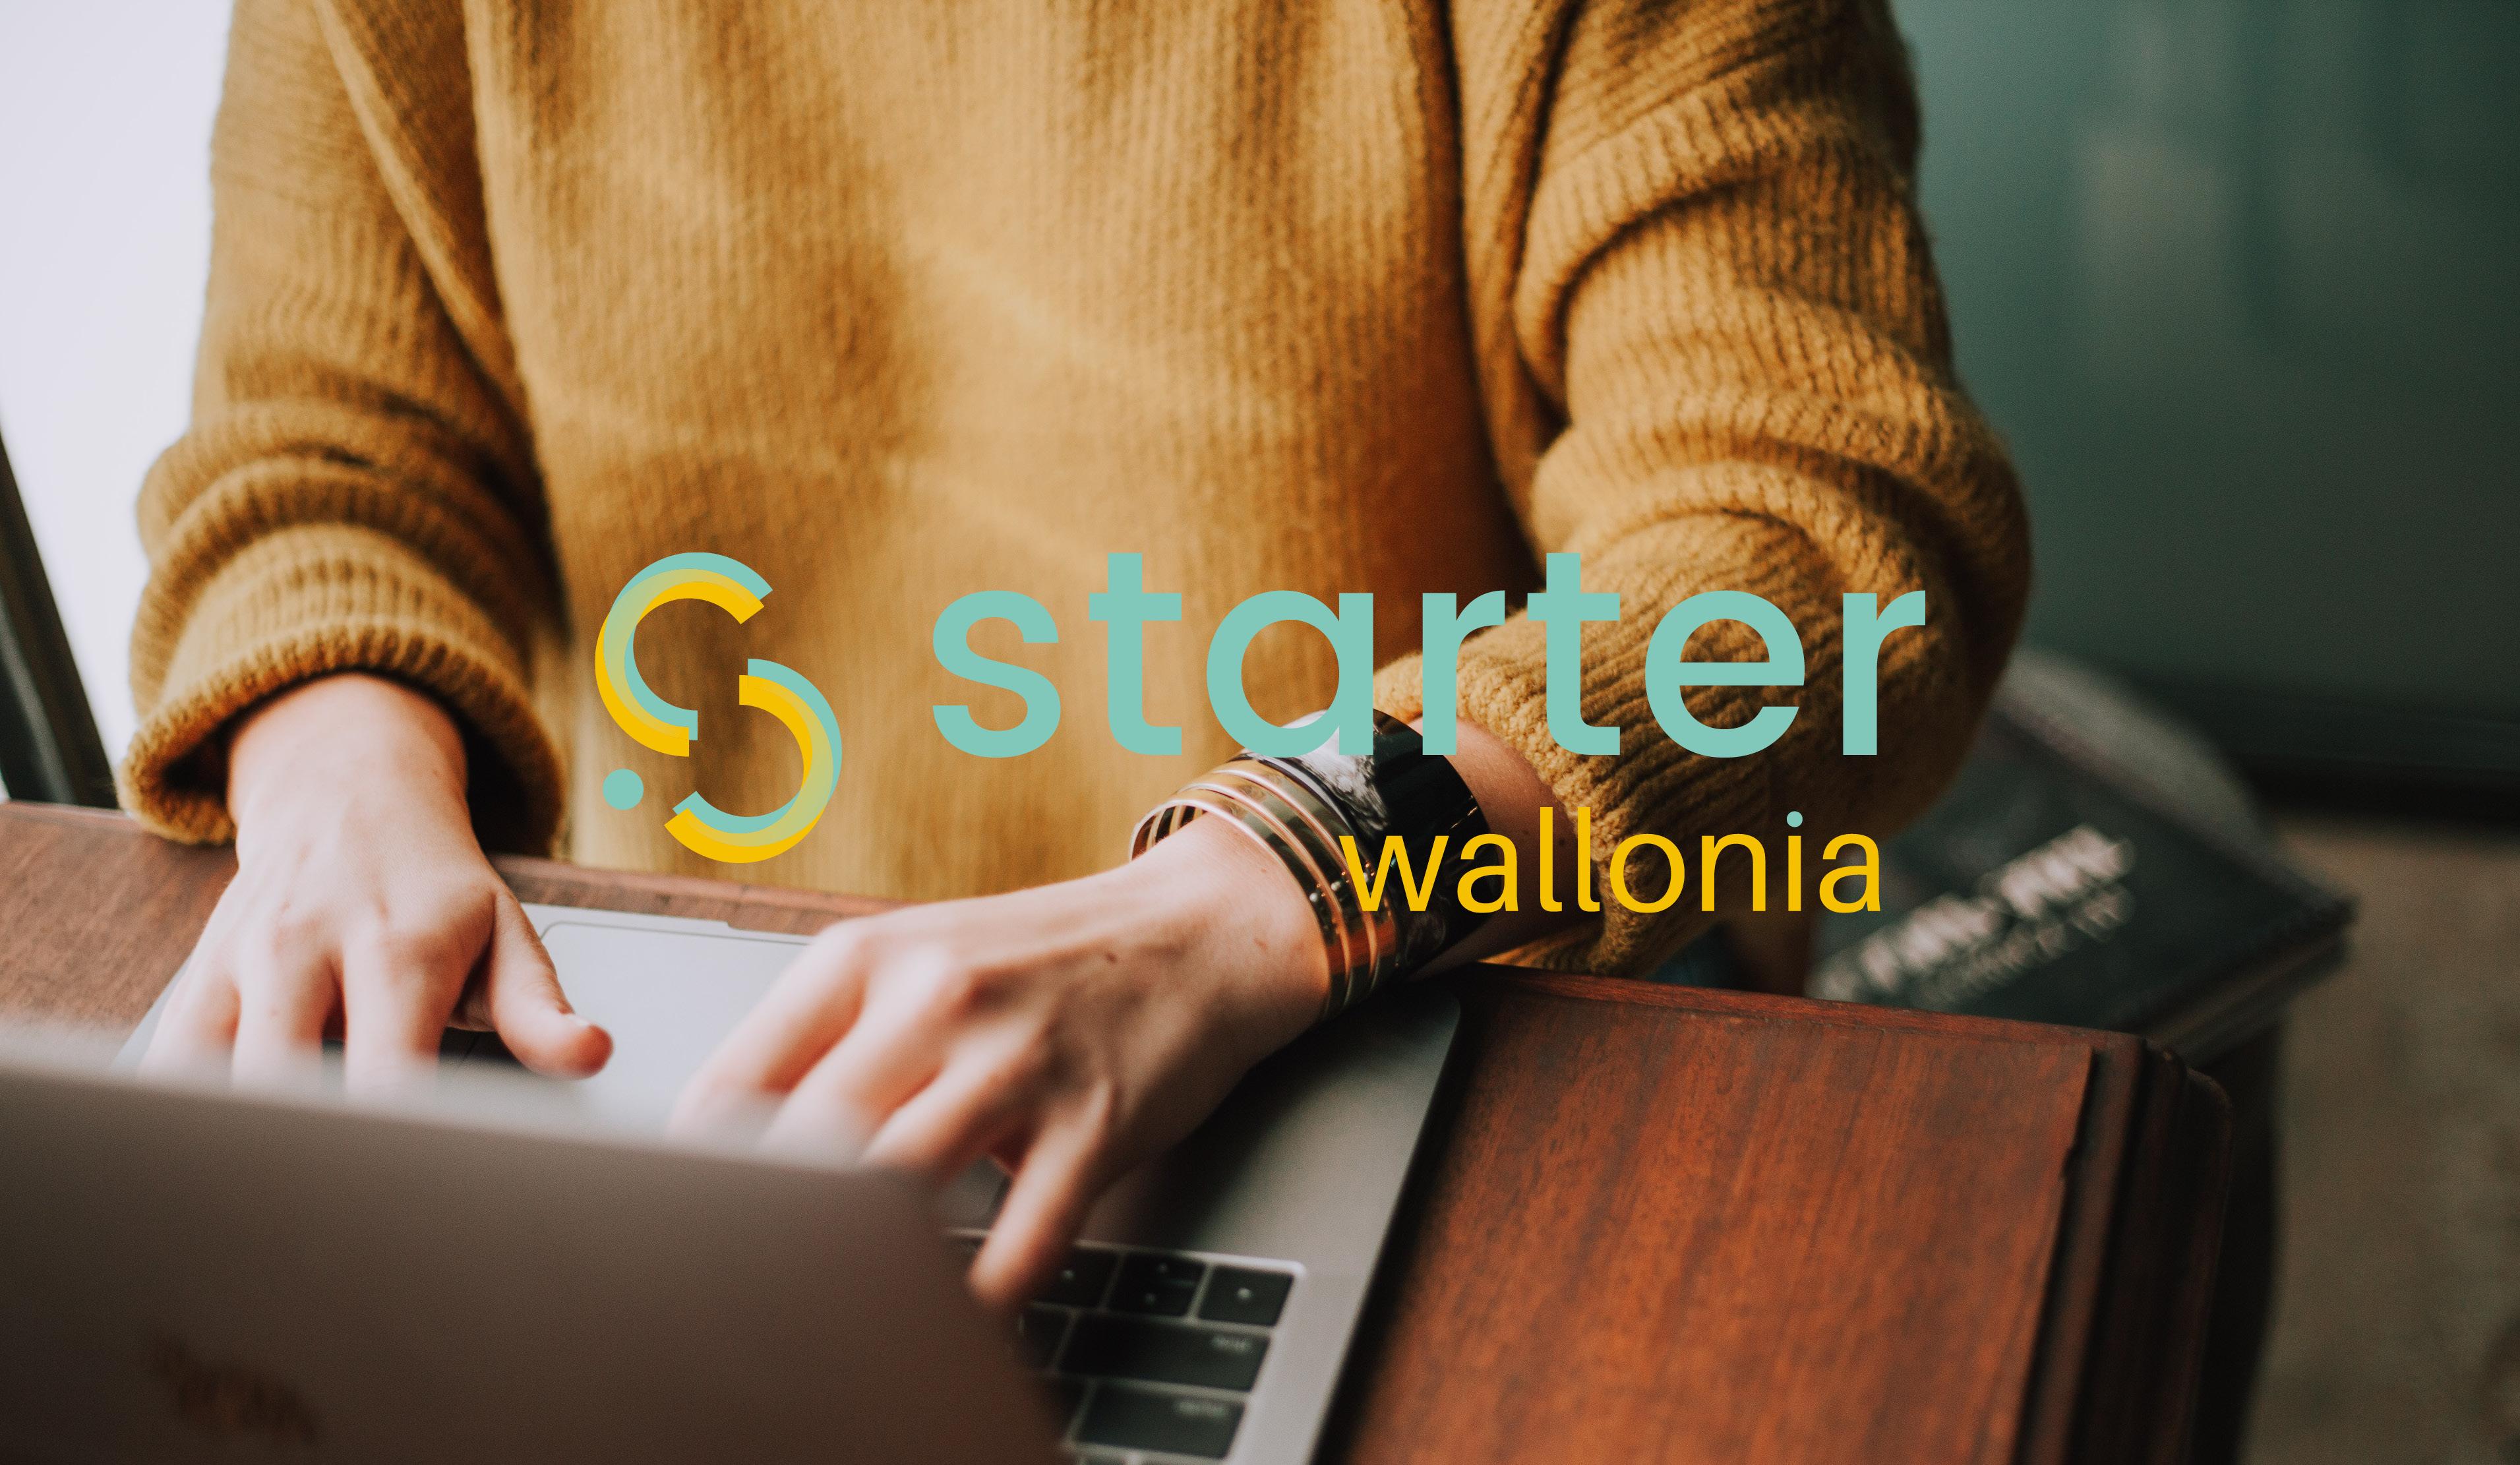 | STARTER WALLONIA  | - Image de marque & branding